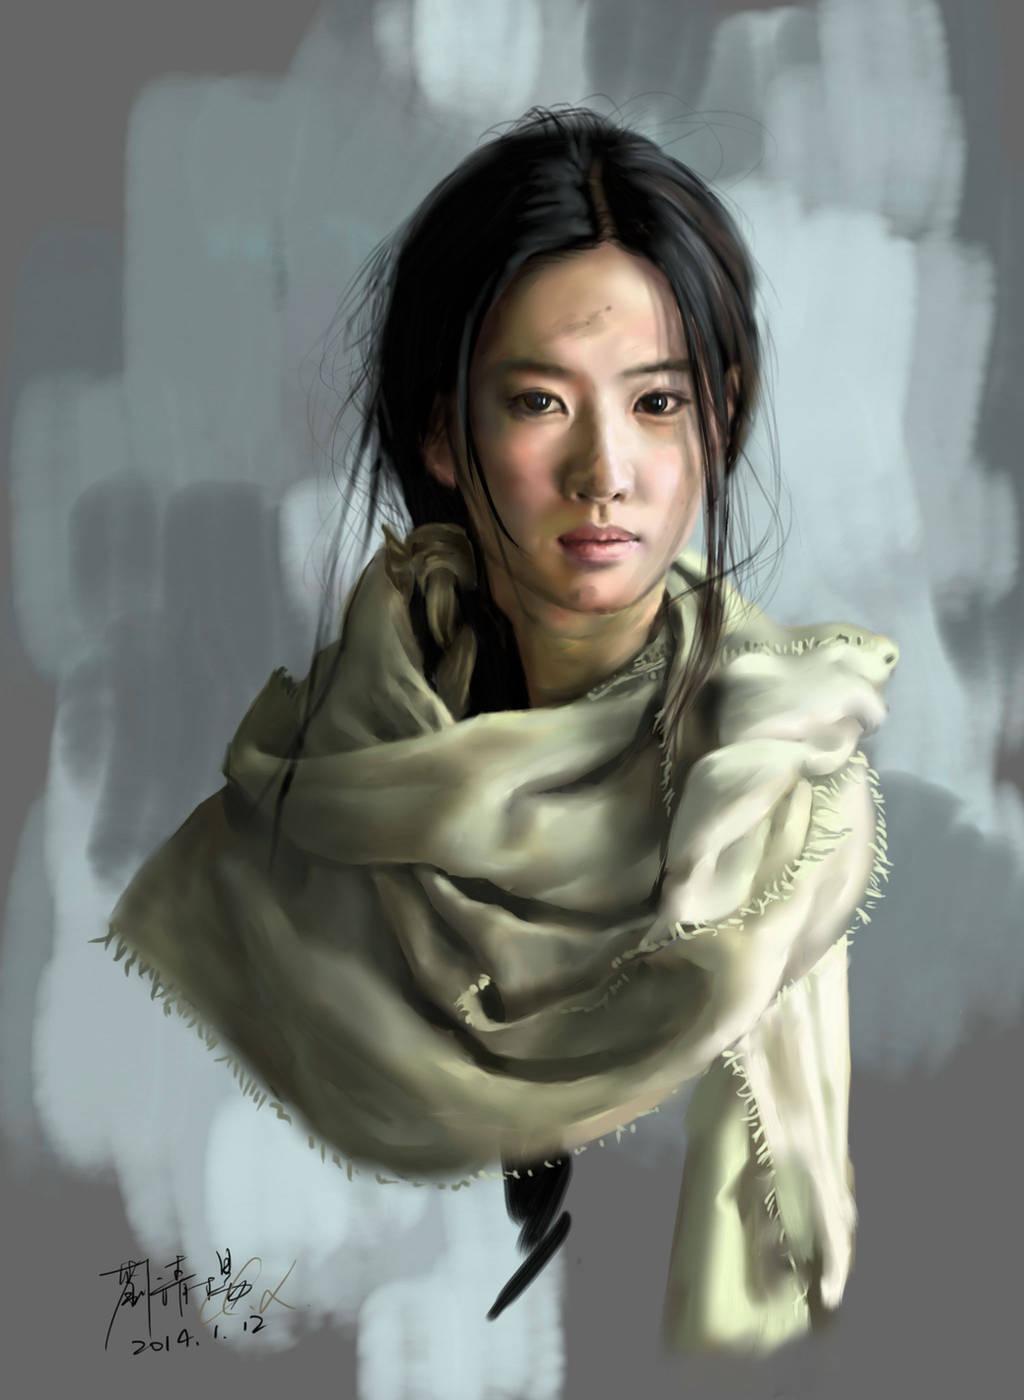 Yifei Liu by buriedflowers